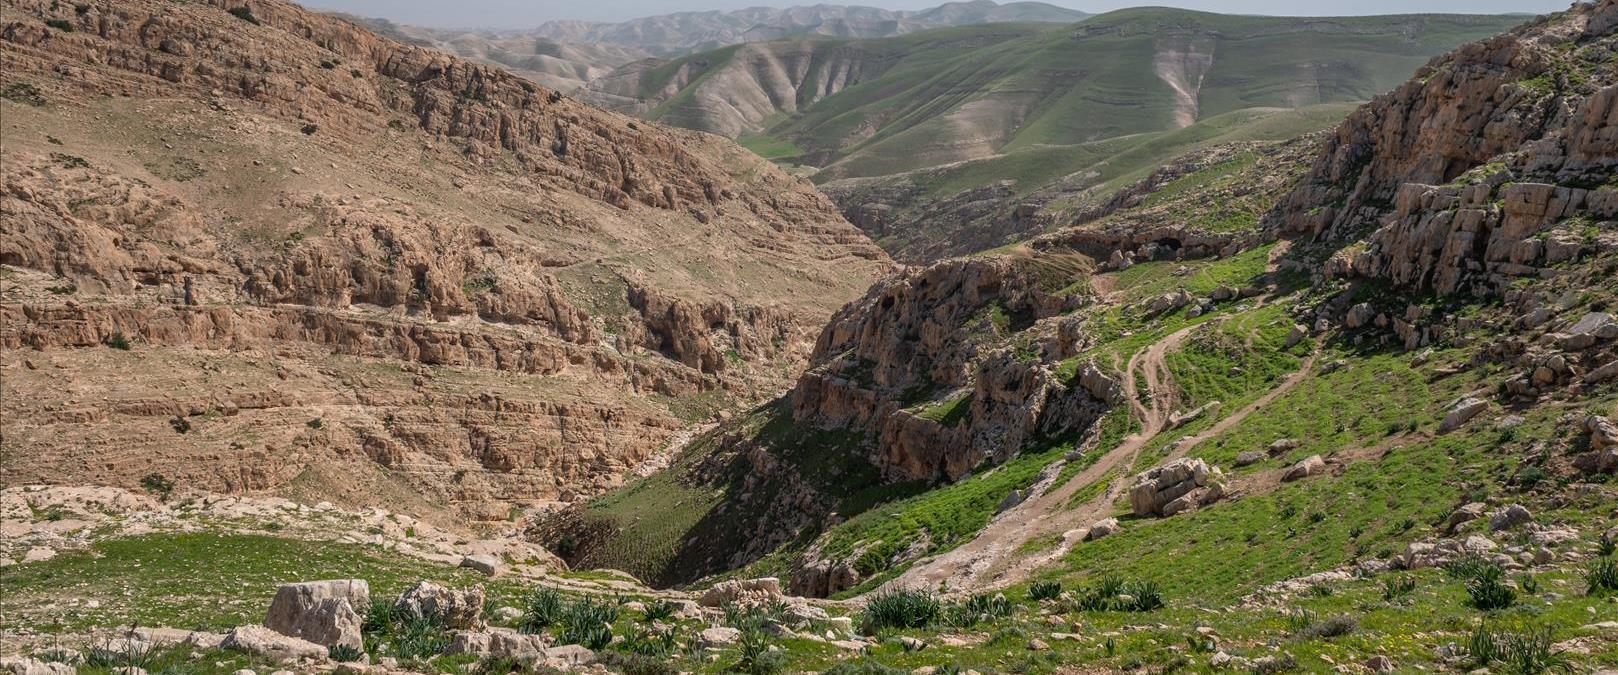 נחל במדבר יהודה